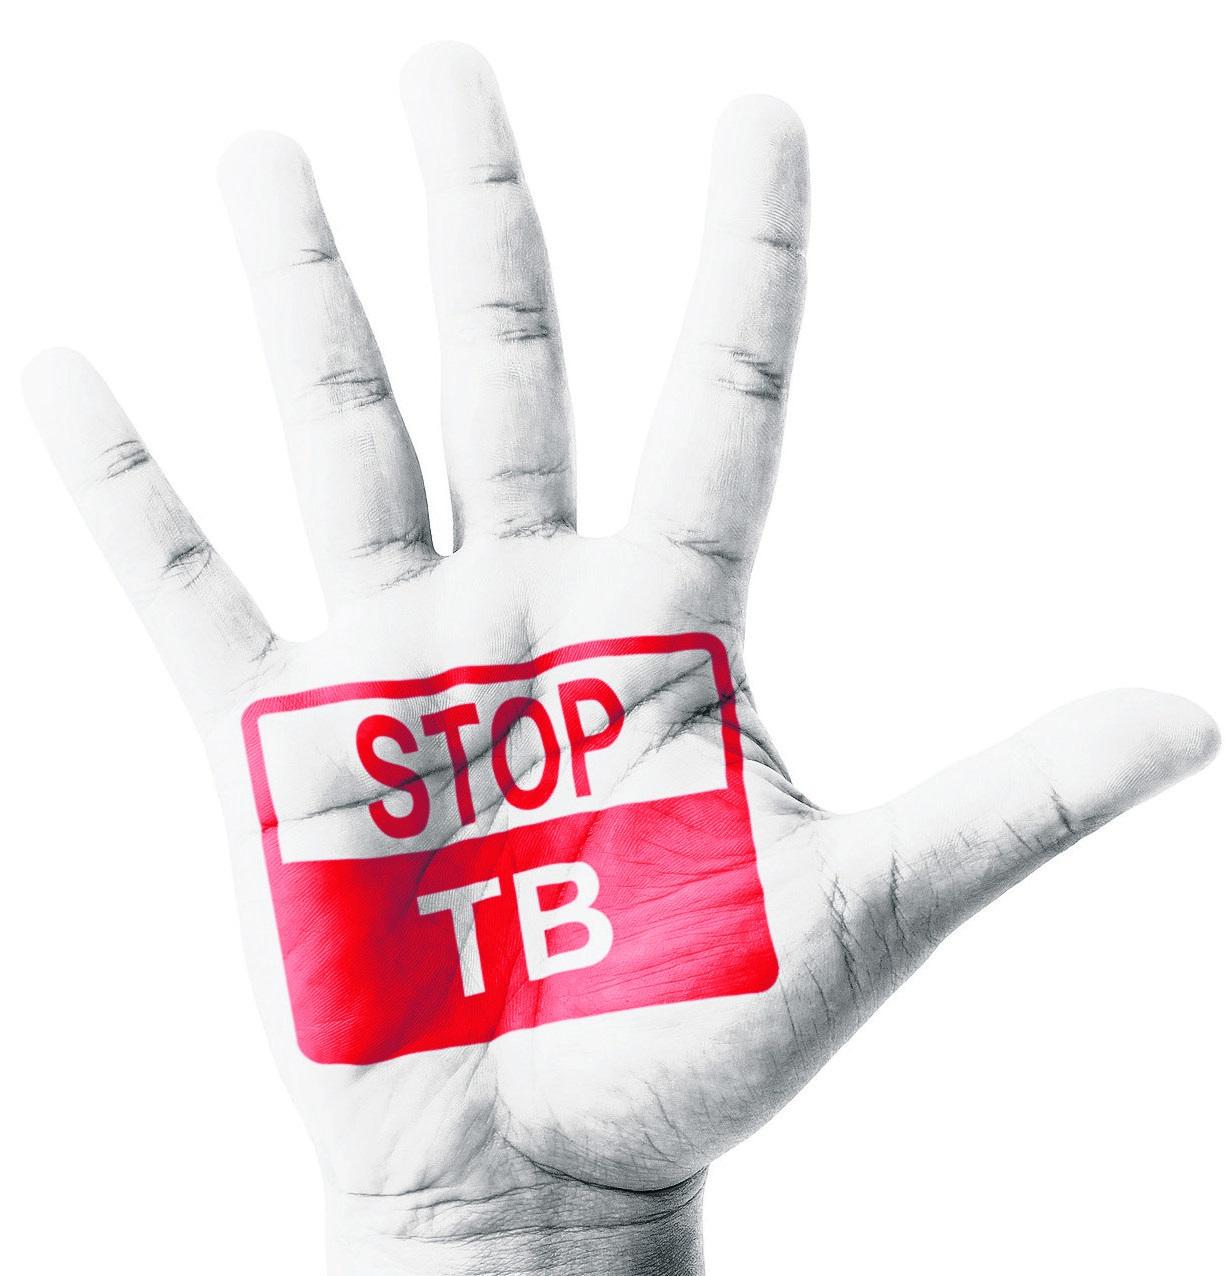 Tuberkulino mėginiai pernai padėjo išaiškinti 32 tuberkulioze sergančius vaikus